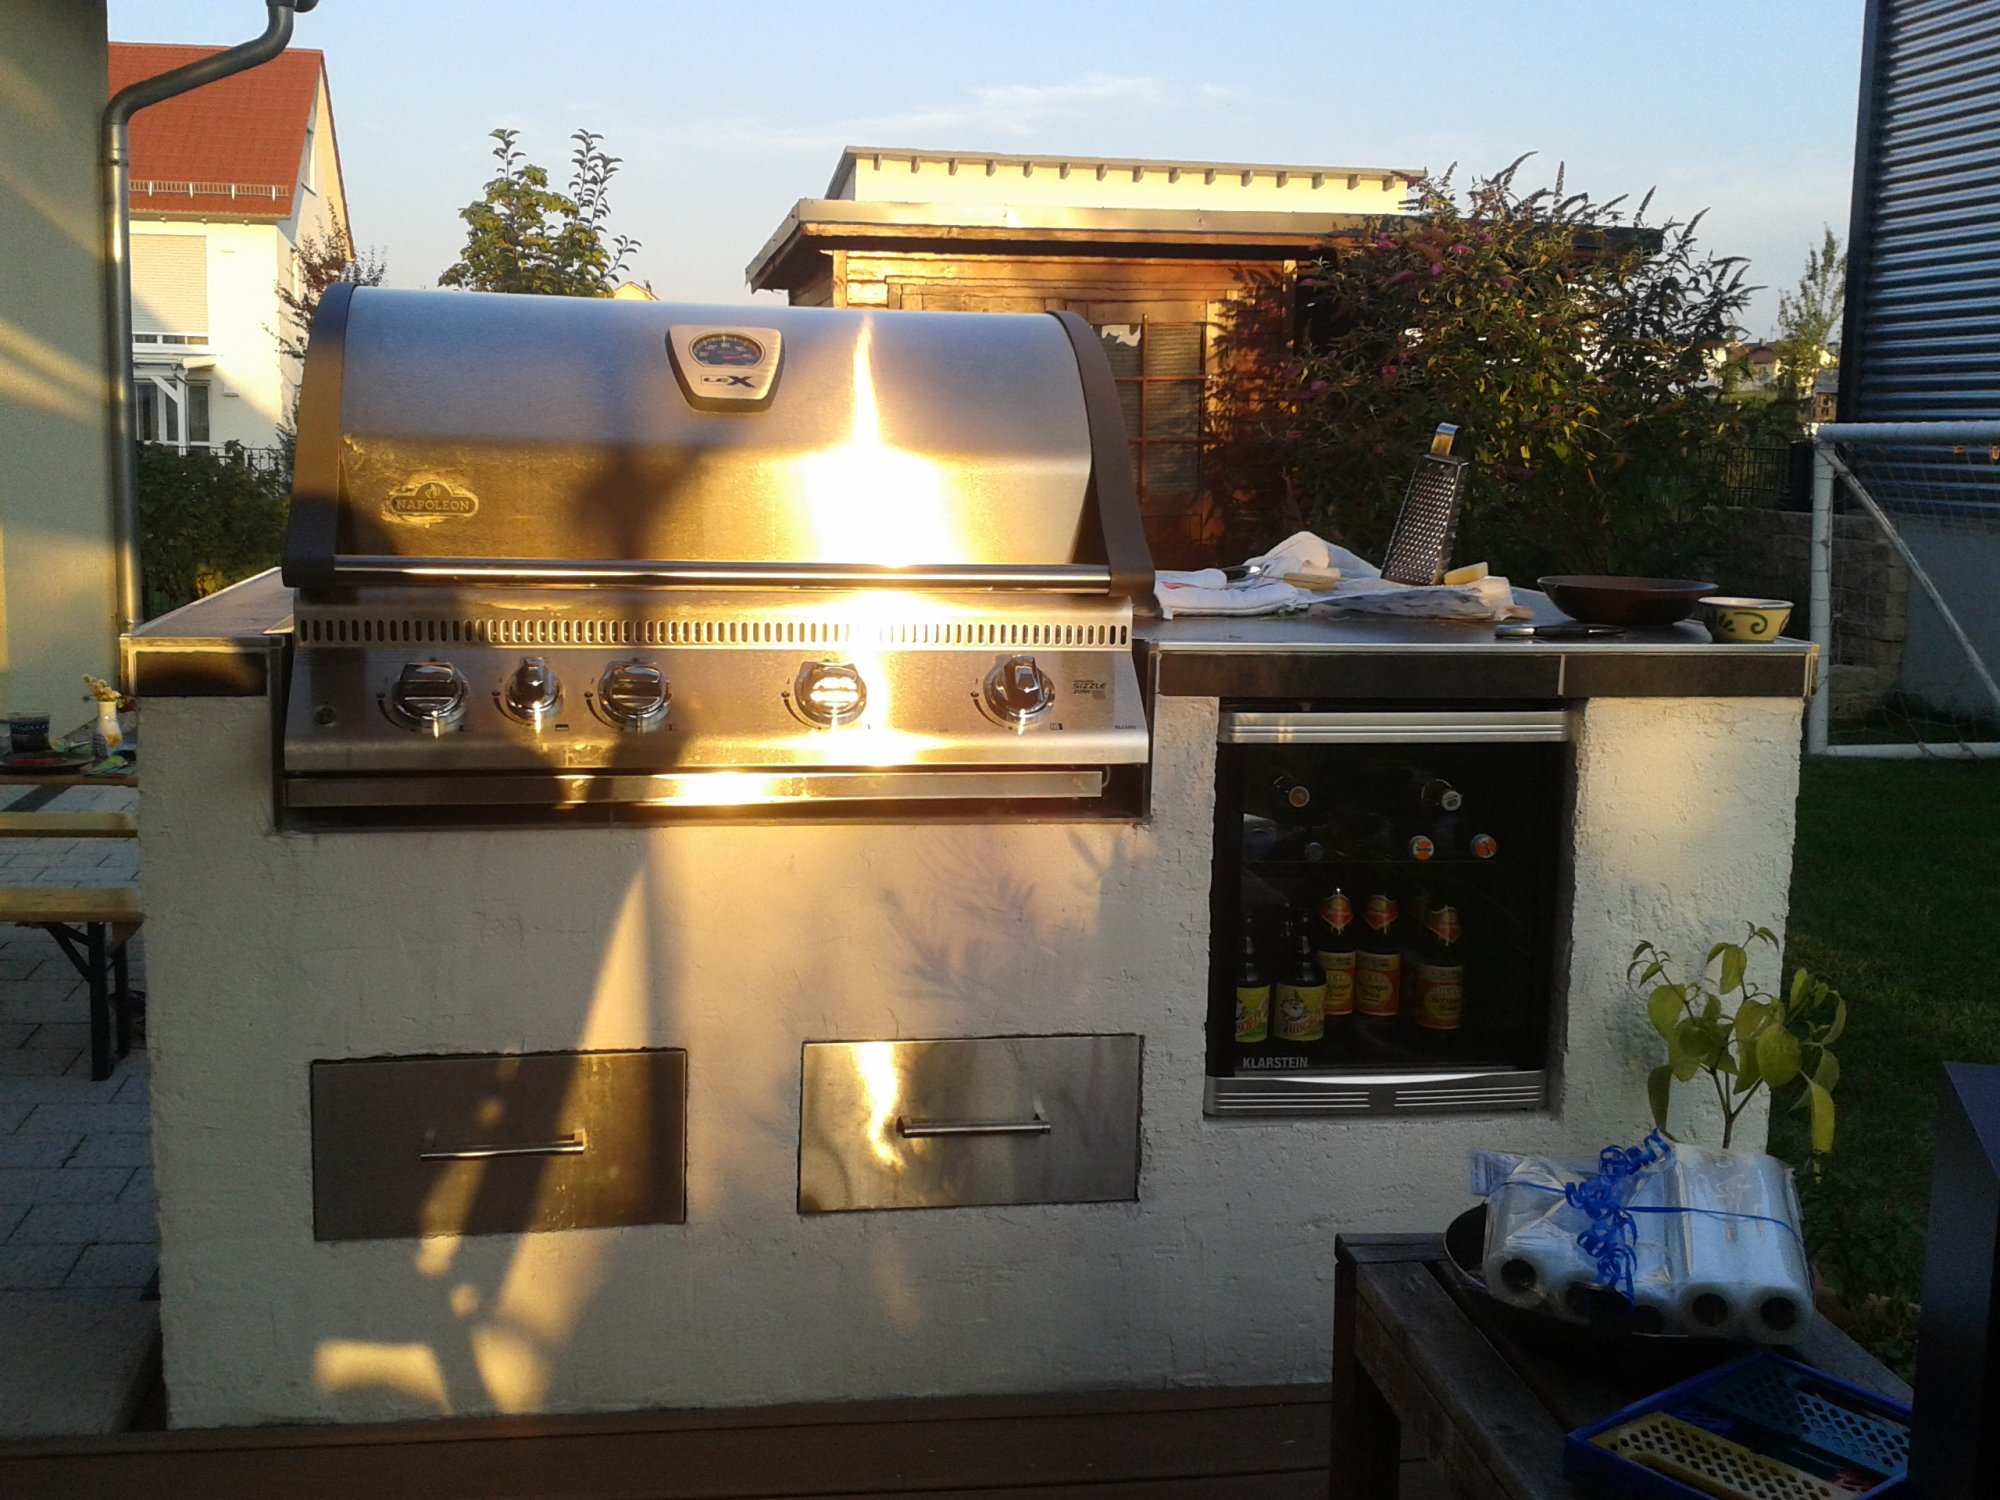 Outdoorküche Mit Kühlschrank Xxl : Outdoorküche mit kühlschrank xxl smoker outdoor küche rabe